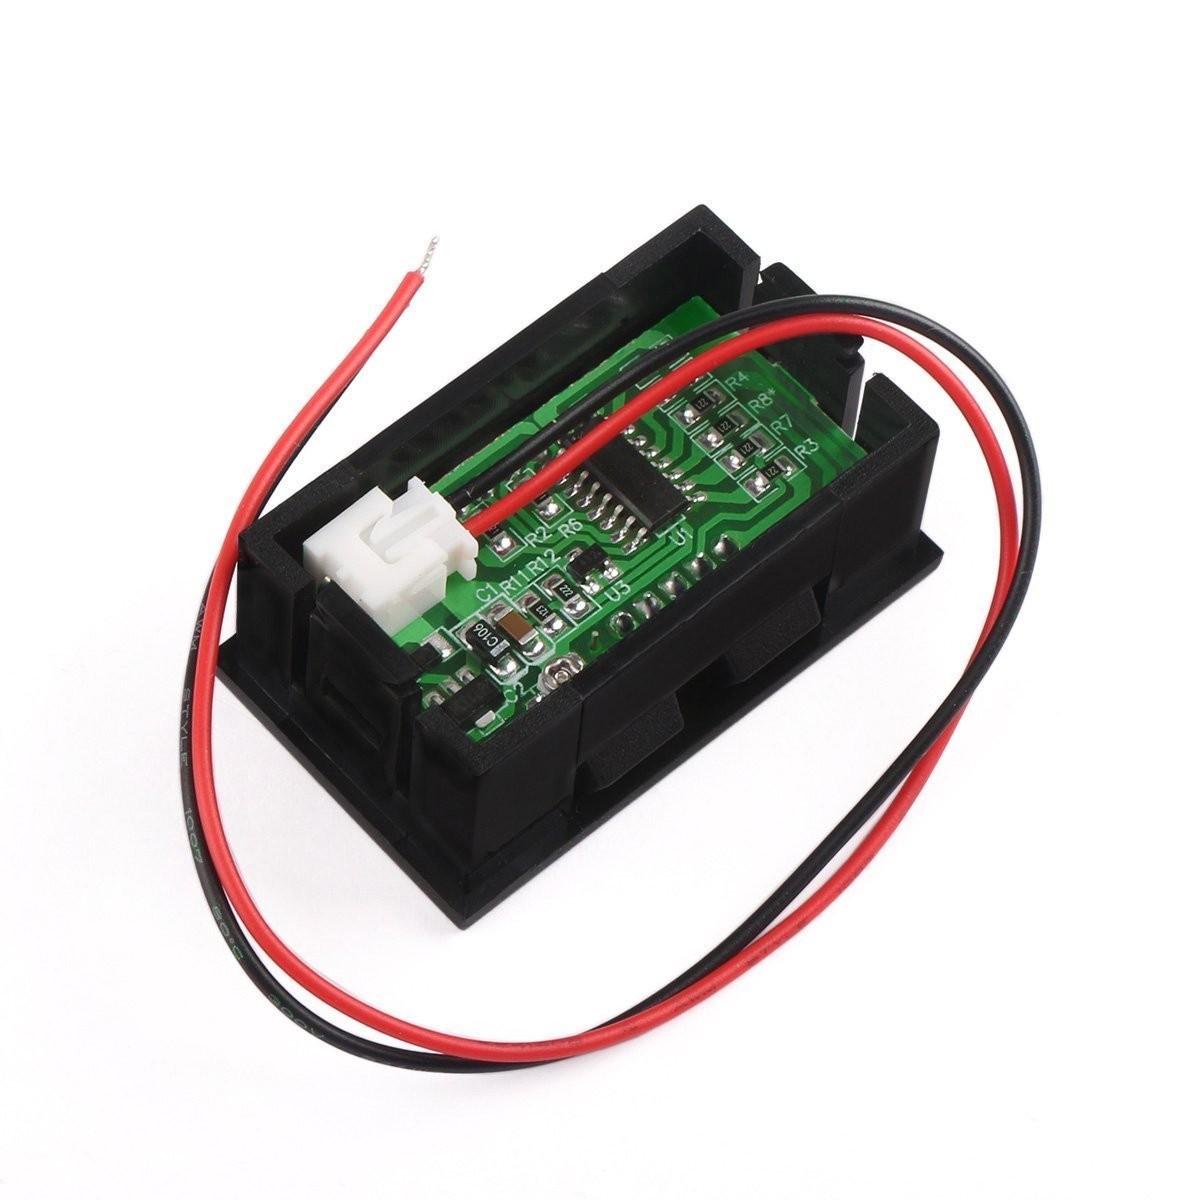 Riorand 2 Wires Digital Voltmeter Dc Volt Tester 12v 24v Battery Motorcycle Monitor Lightbox Moreview